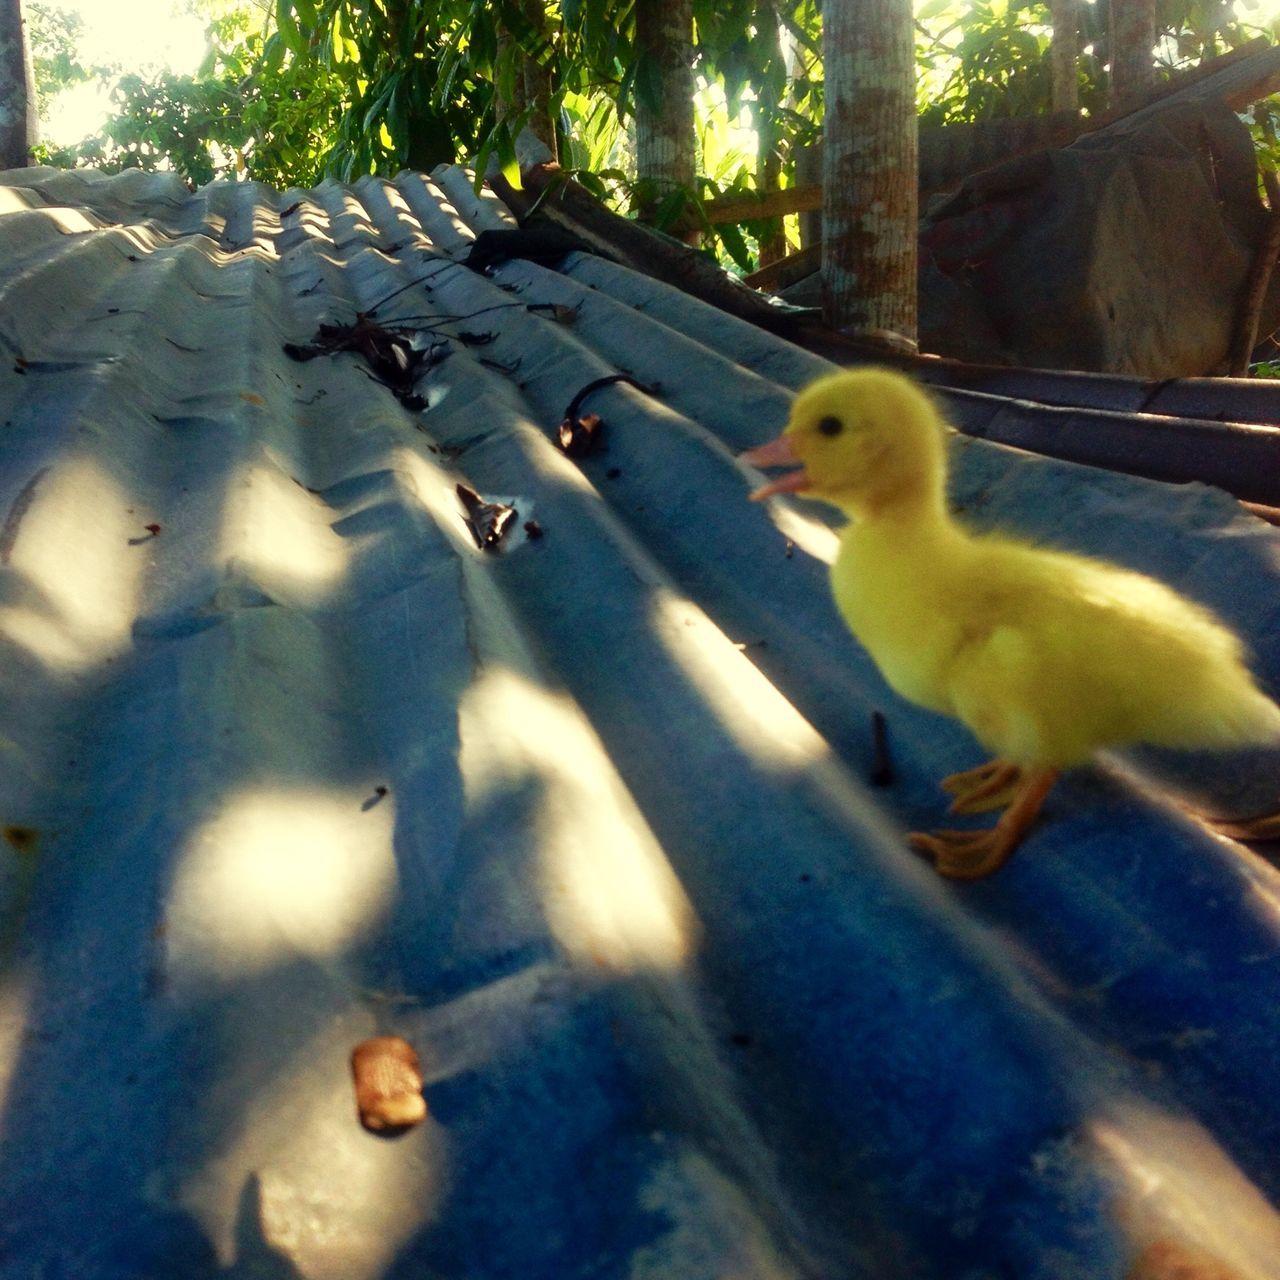 The Essence Of Summer Ducks Pet Geese Swan Sibling Quack Nature Animals Taking Photo Of Ducks Yellow Yellow Animals Nature sya ang nagsabi ng Quack Quack